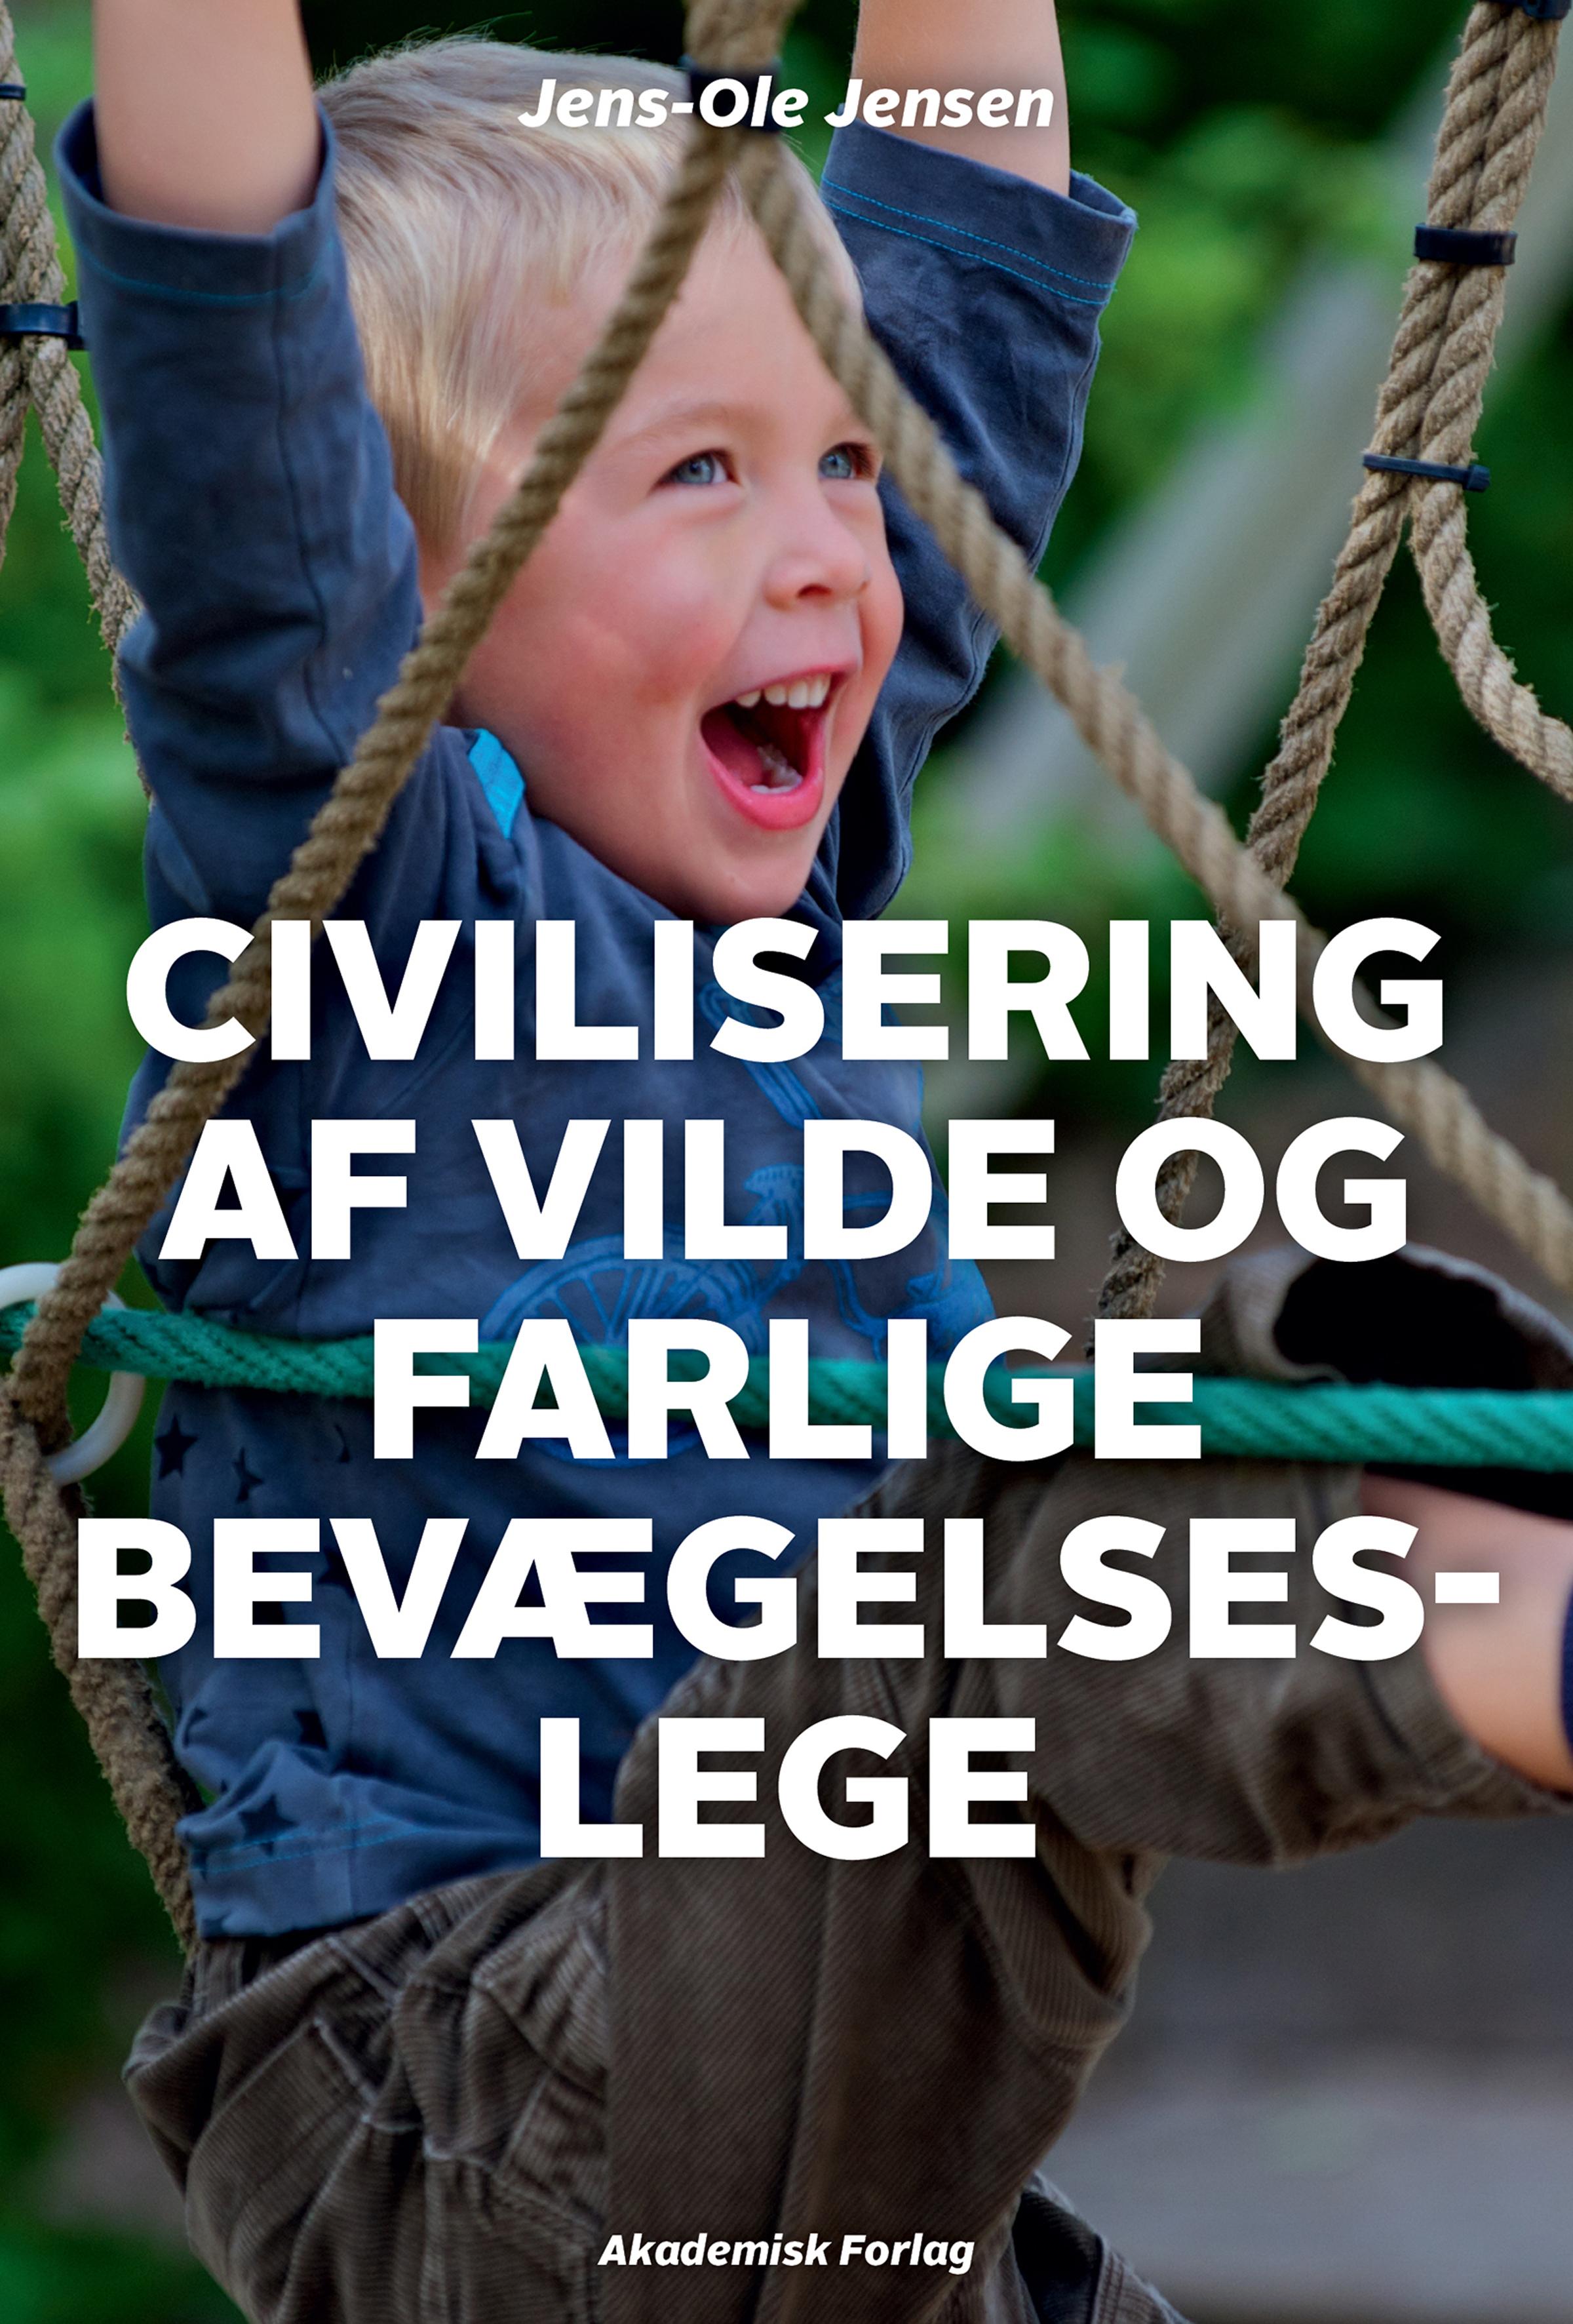 Civilisering af vilde og farlige bevægelseslege - e-bog fra N/A på bog & mystik